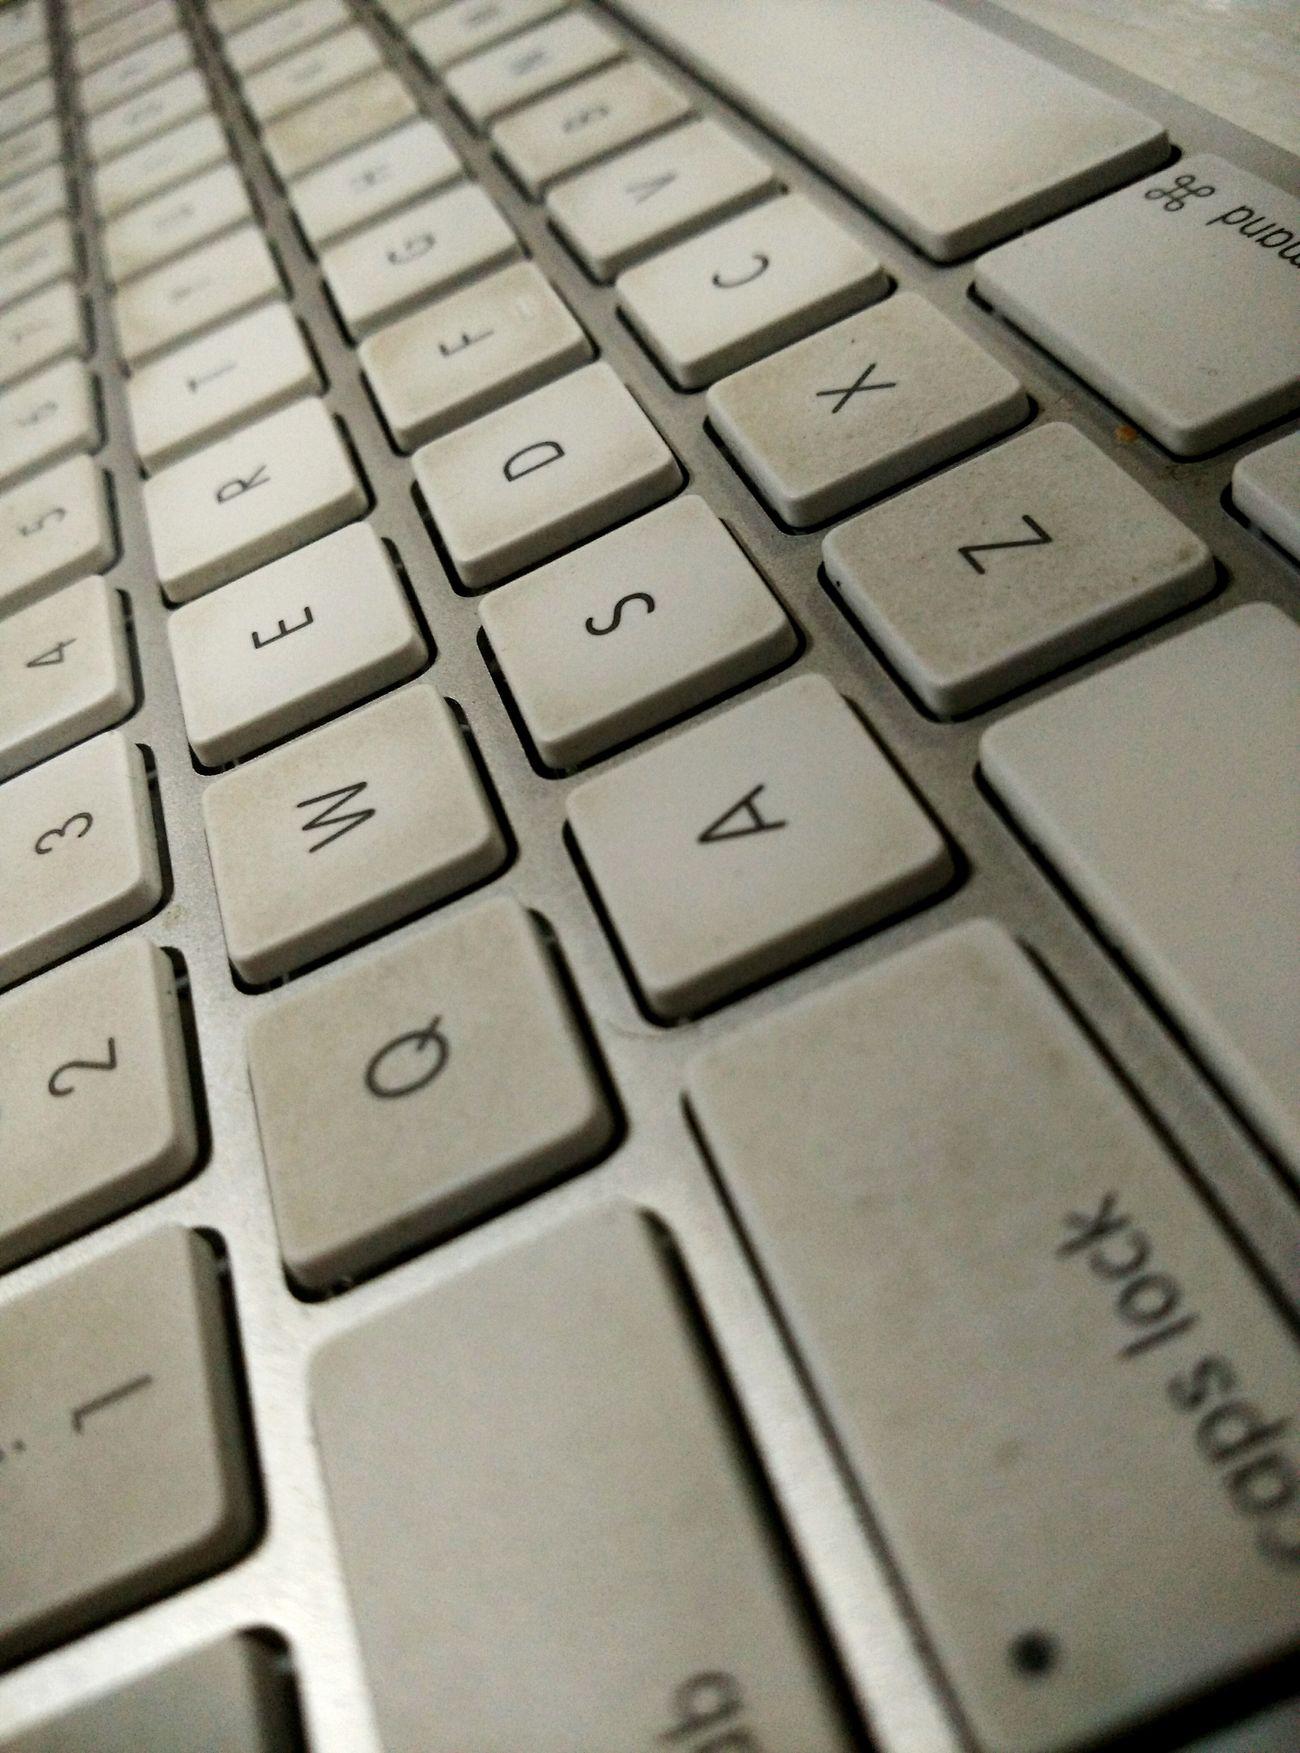 Qwerty Keyboard Communication